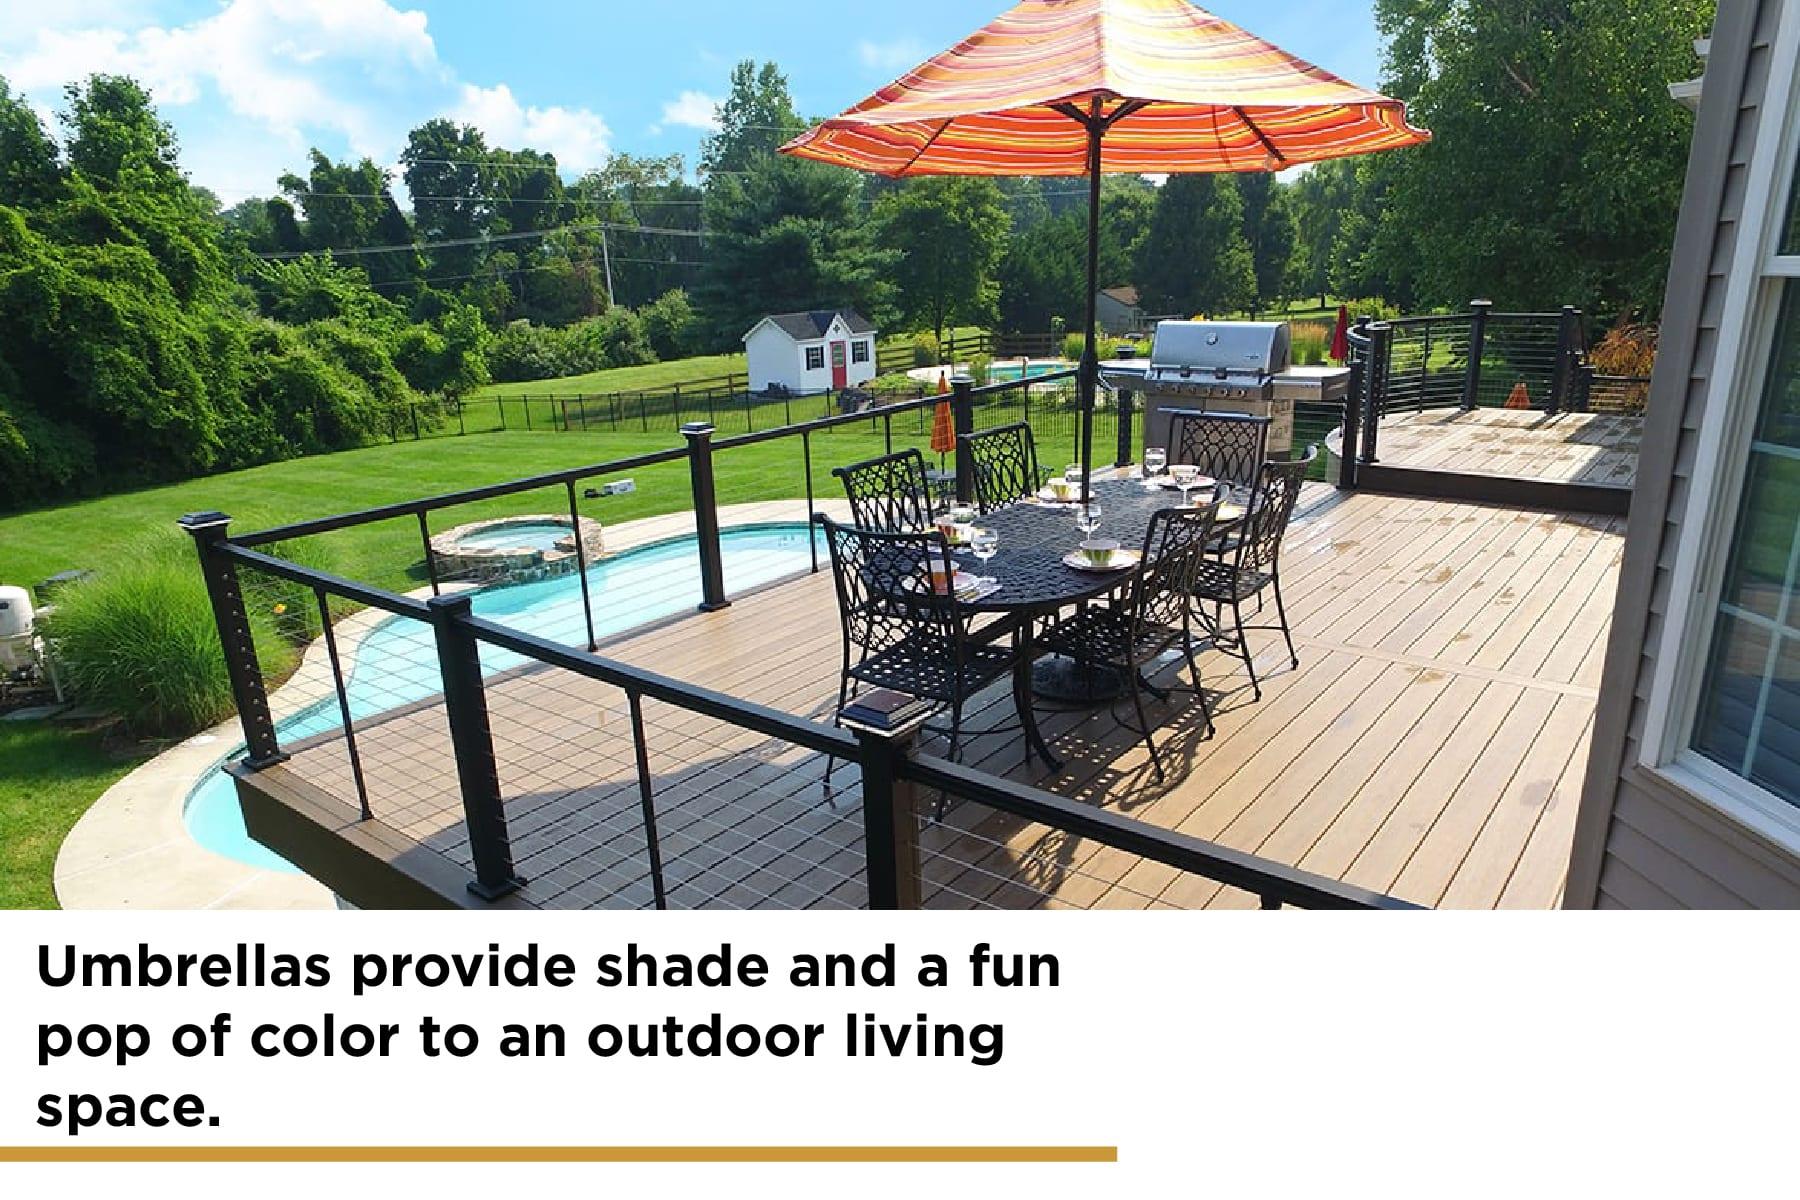 umbrellas are a shade option for decks